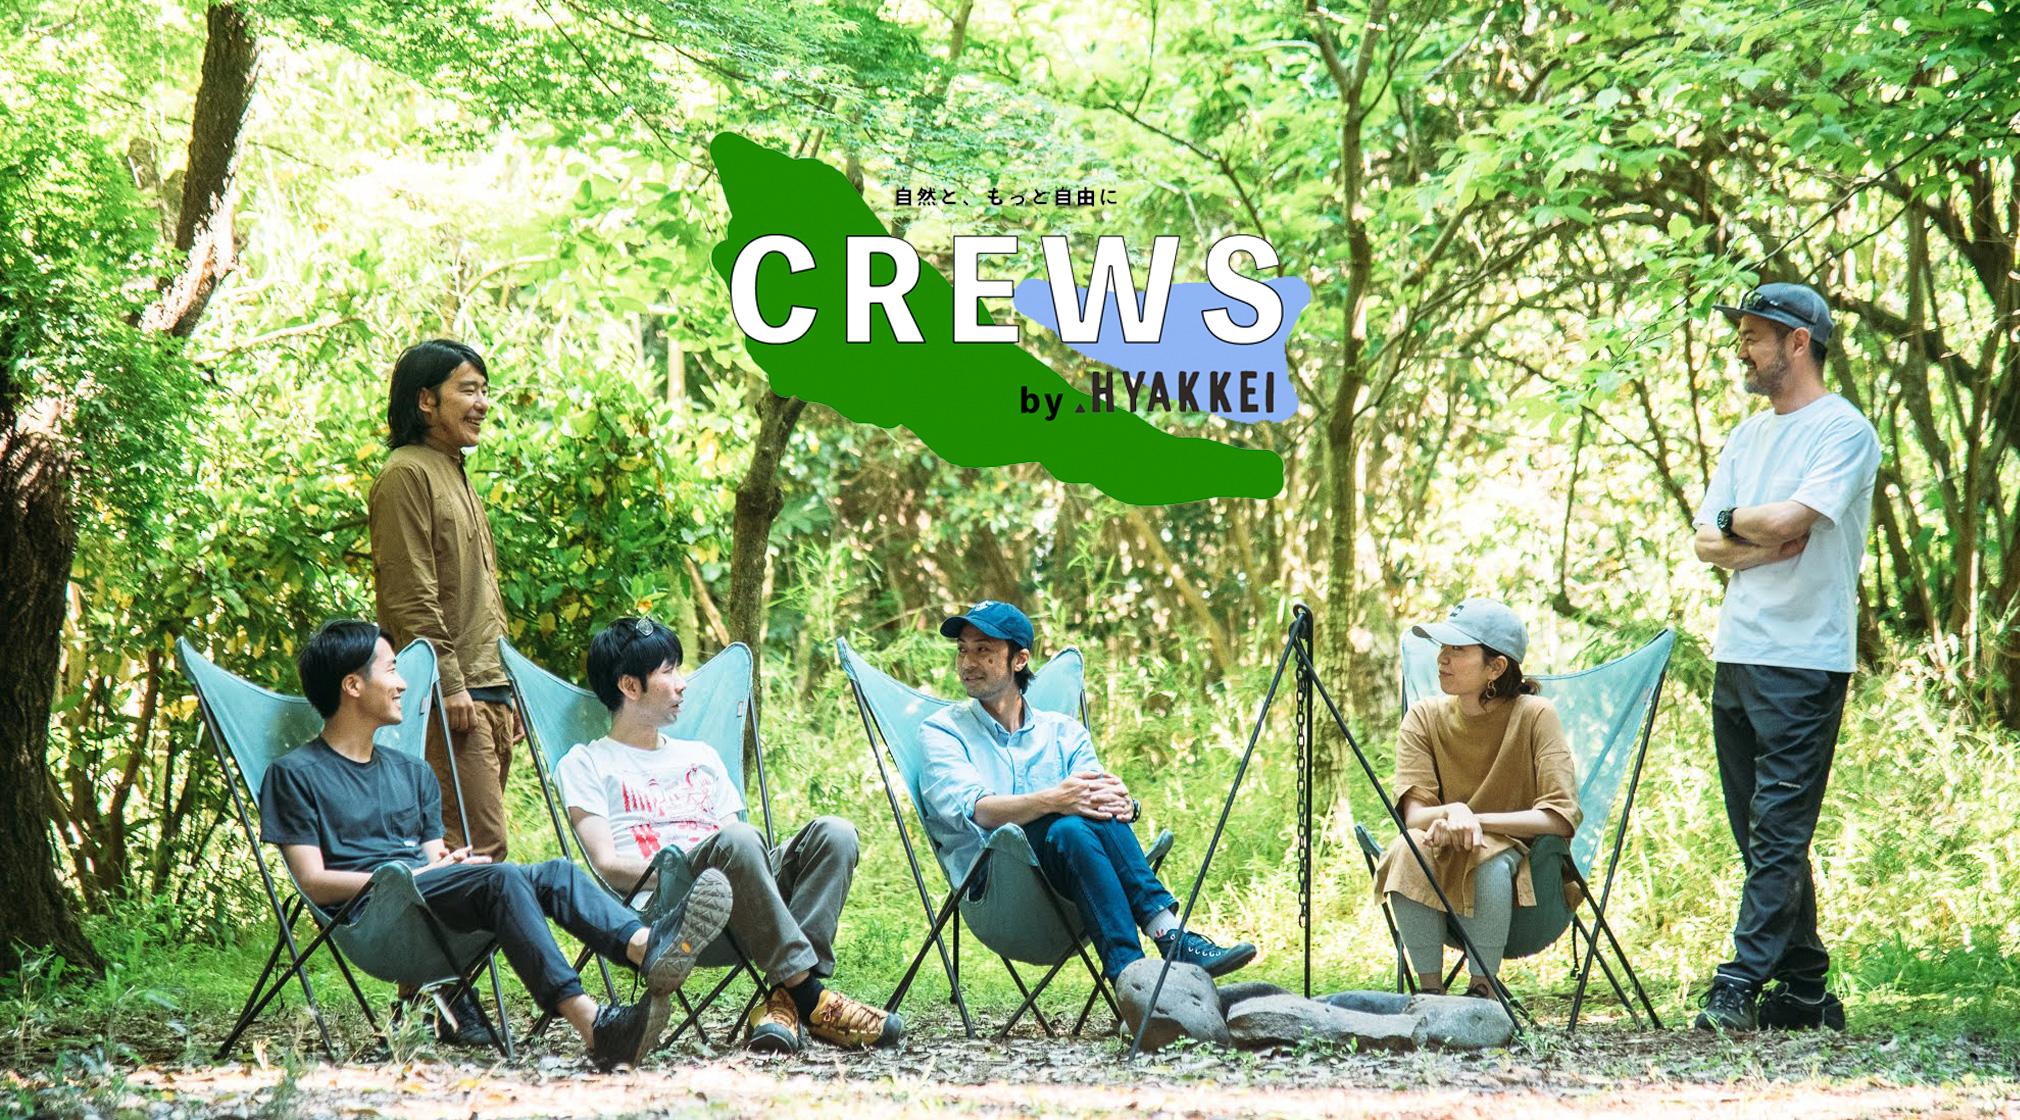 あなたのはじめたいアウトドアライフを実現するコミュニティ、「CREWS by .HYAKKEI」会員募集!